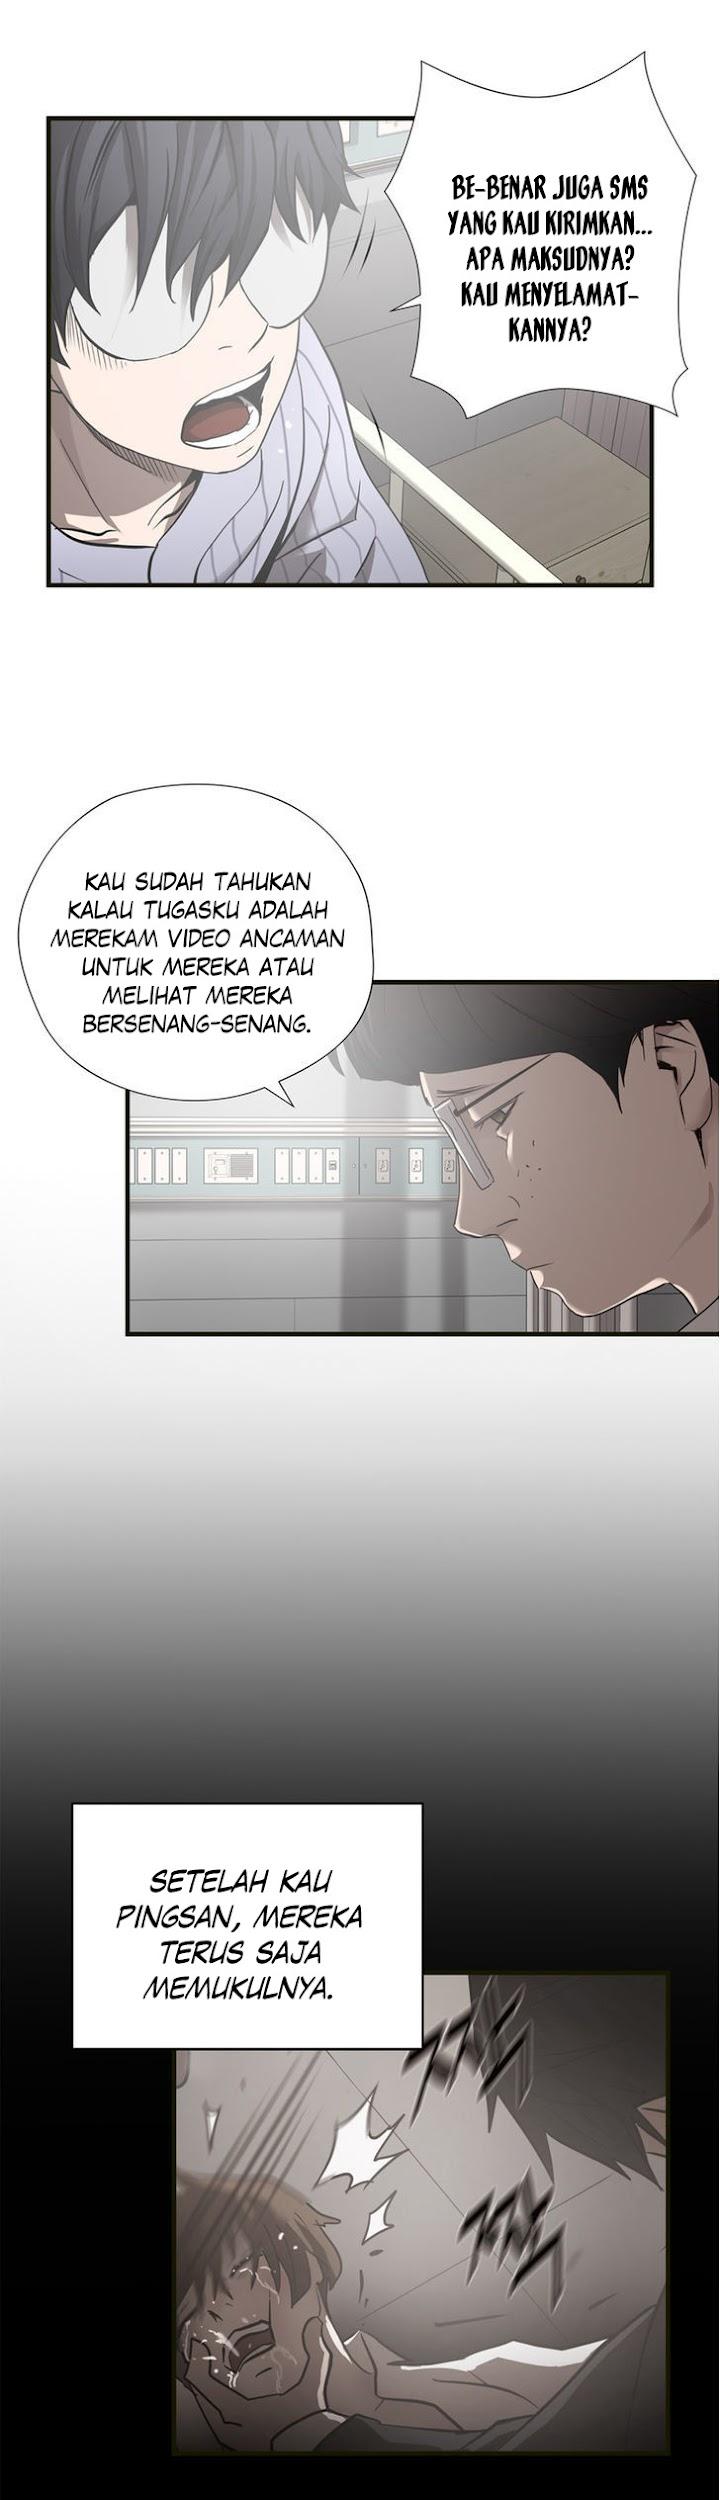 Dilarang COPAS - situs resmi www.mangacanblog.com - Komik greatest outcast 040 - chapter 40 41 Indonesia greatest outcast 040 - chapter 40 Terbaru 22|Baca Manga Komik Indonesia|Mangacan